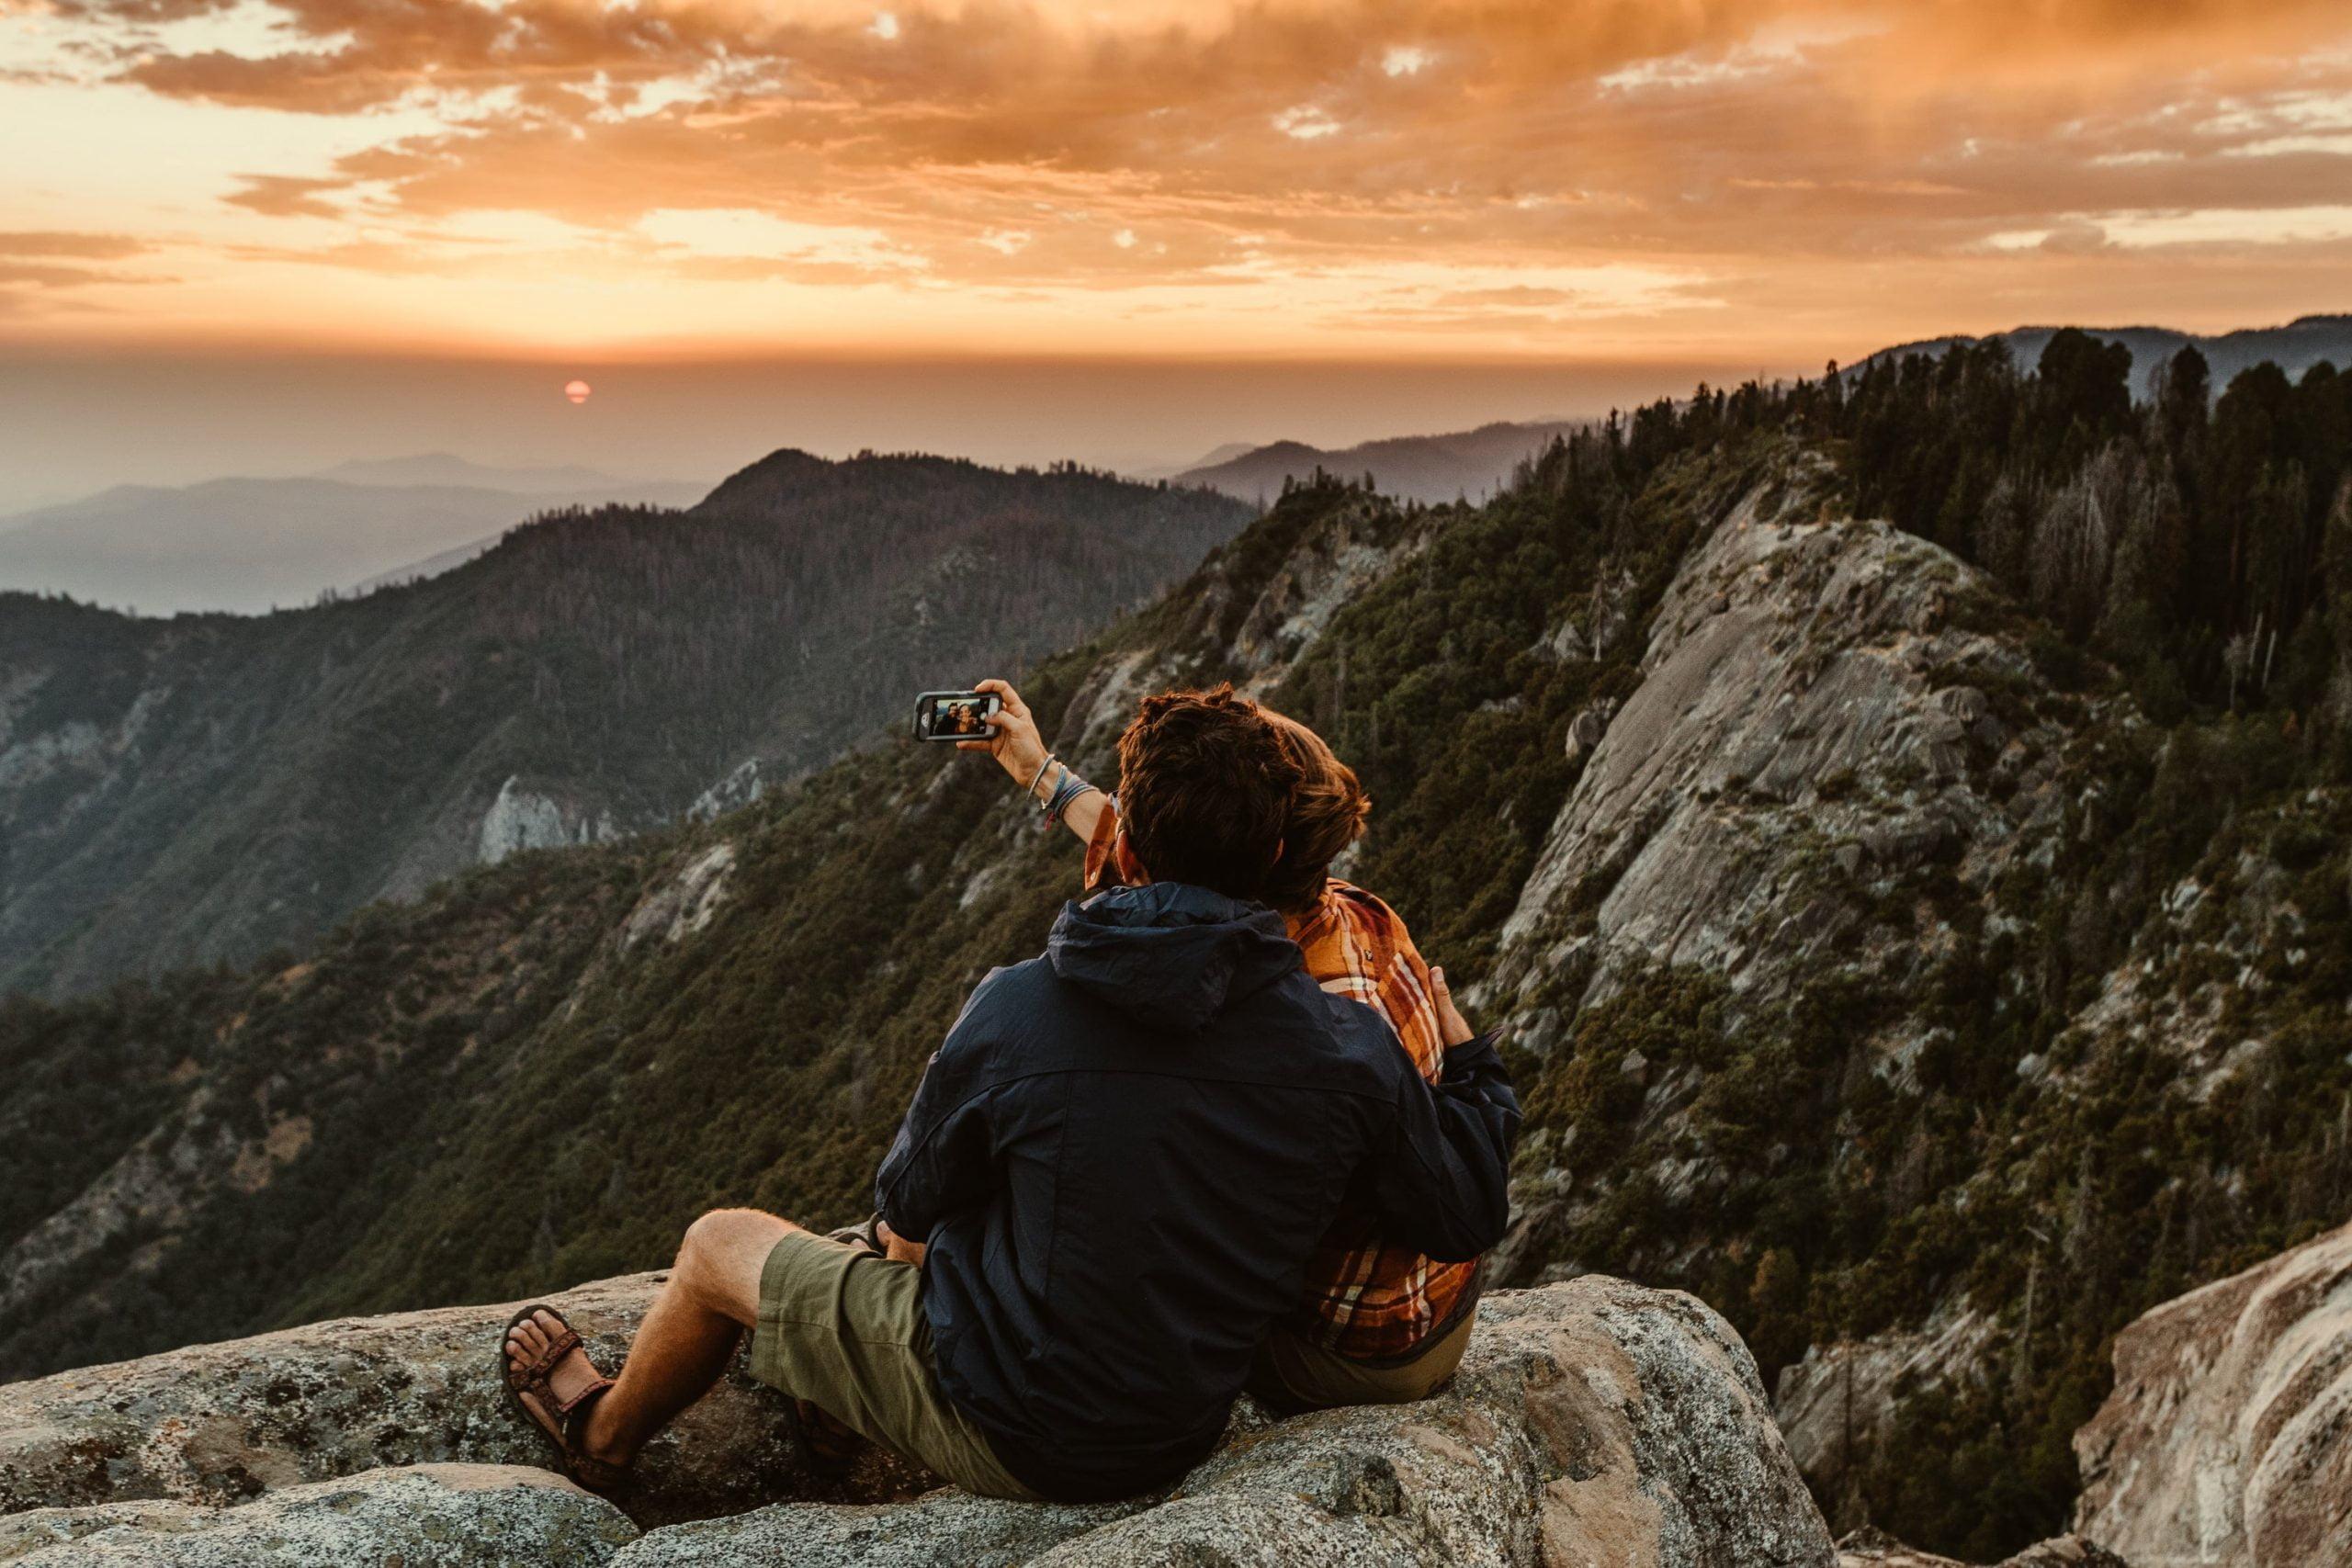 Stelletje maakt een foto in de bergen